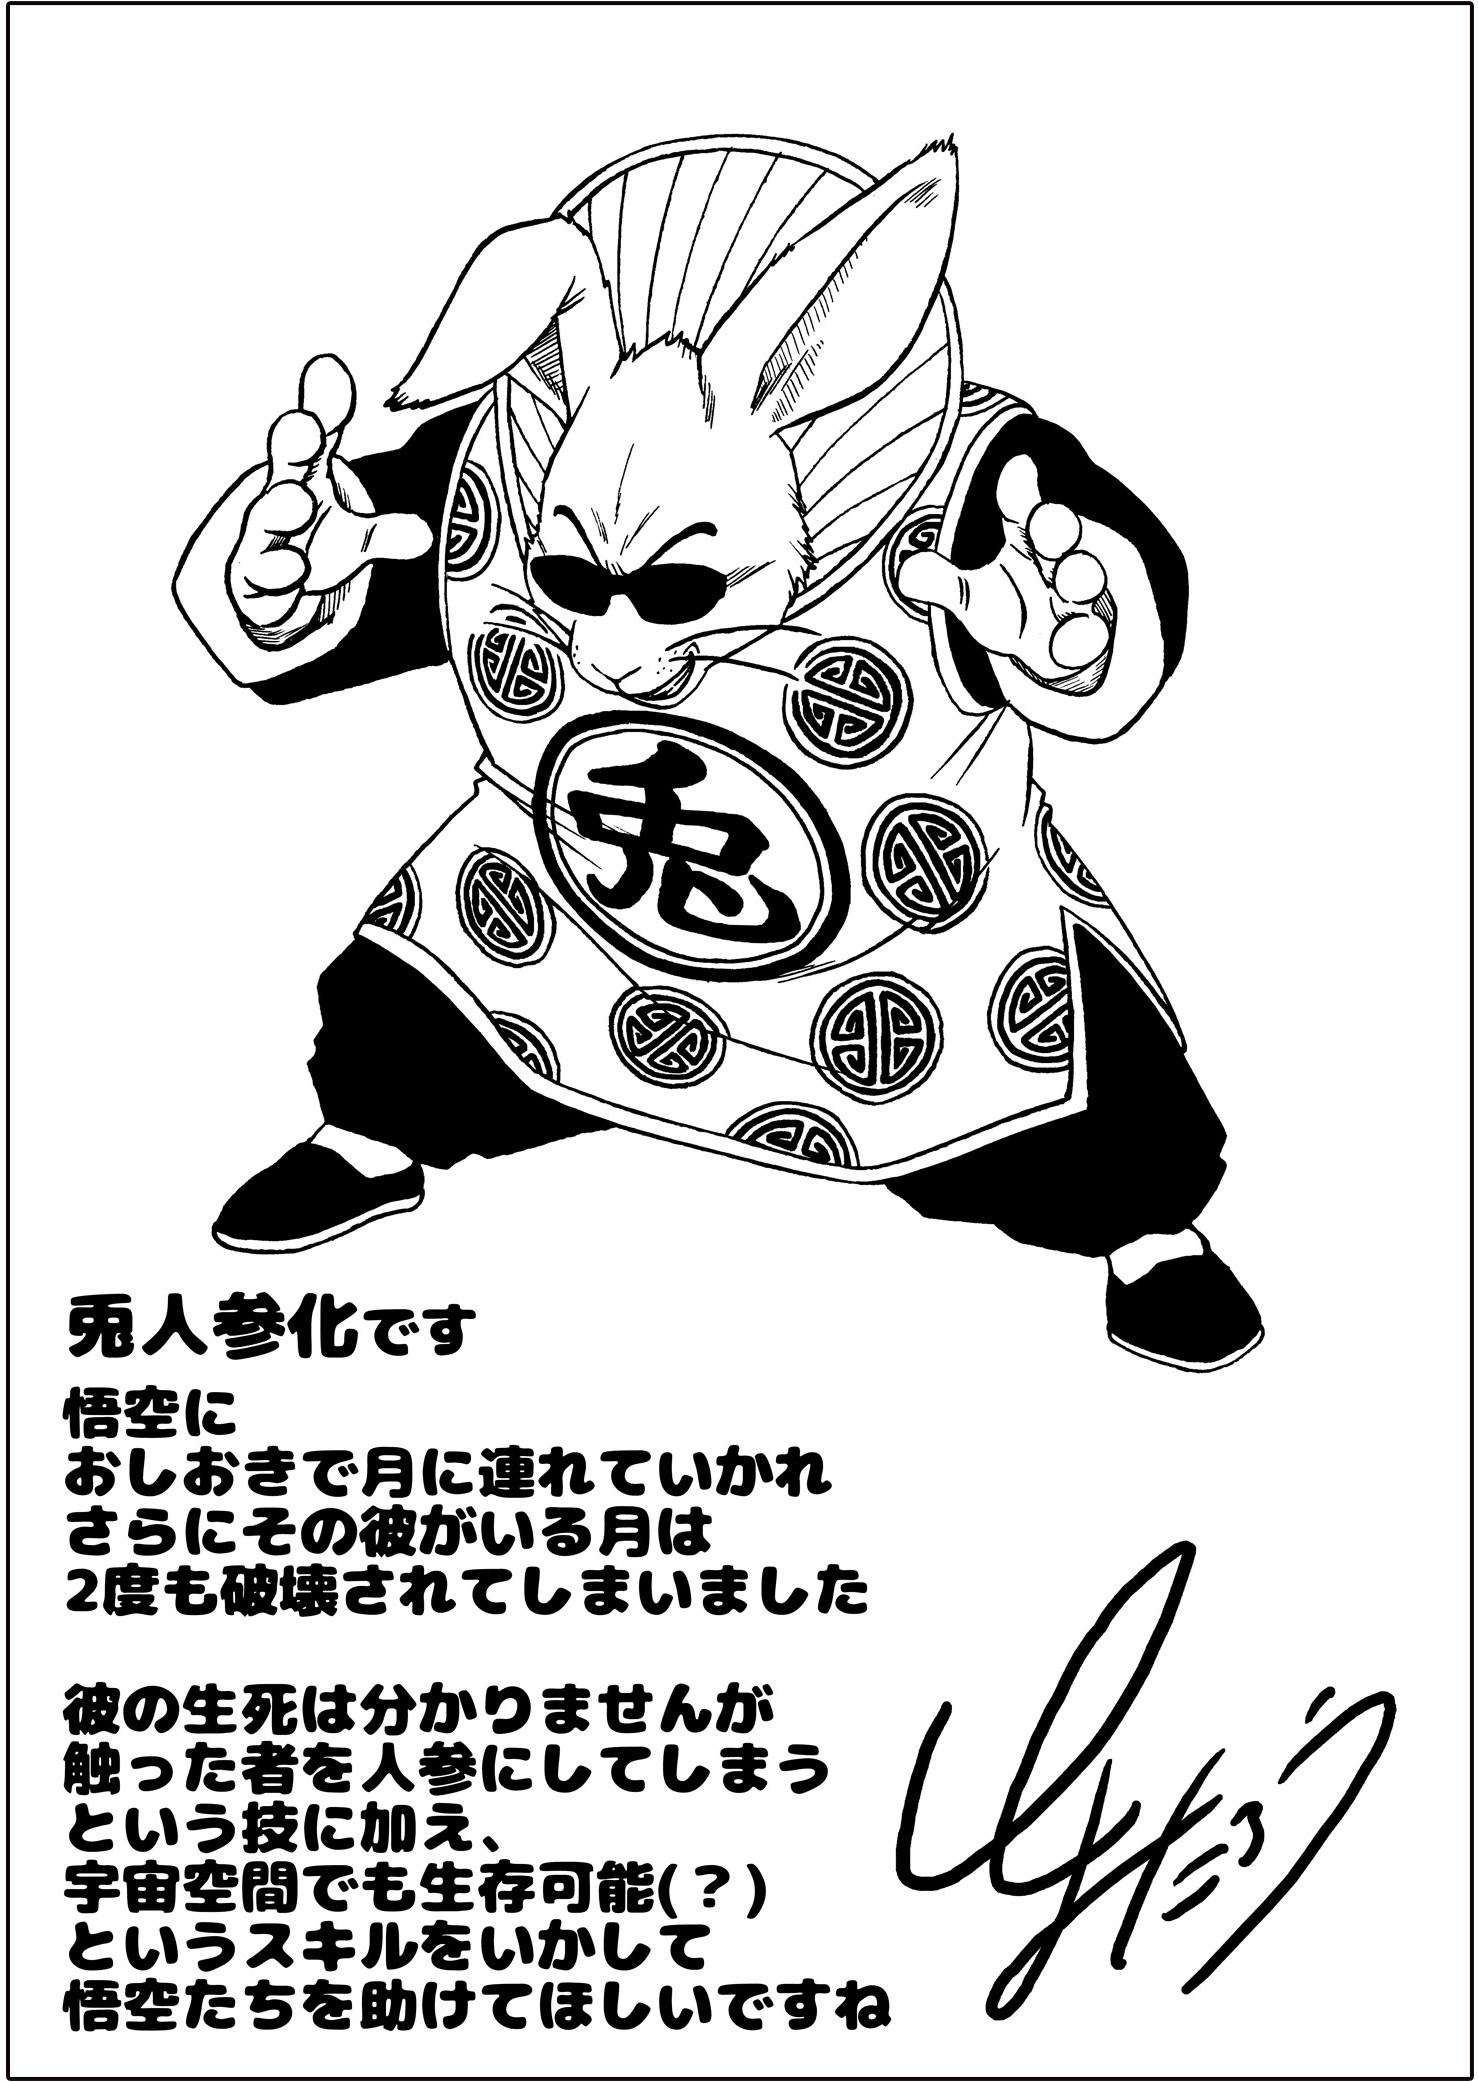 L'artwork de Toyotaro de juin 2019 pour le site officiel de Dragon Ball – To le carotteur